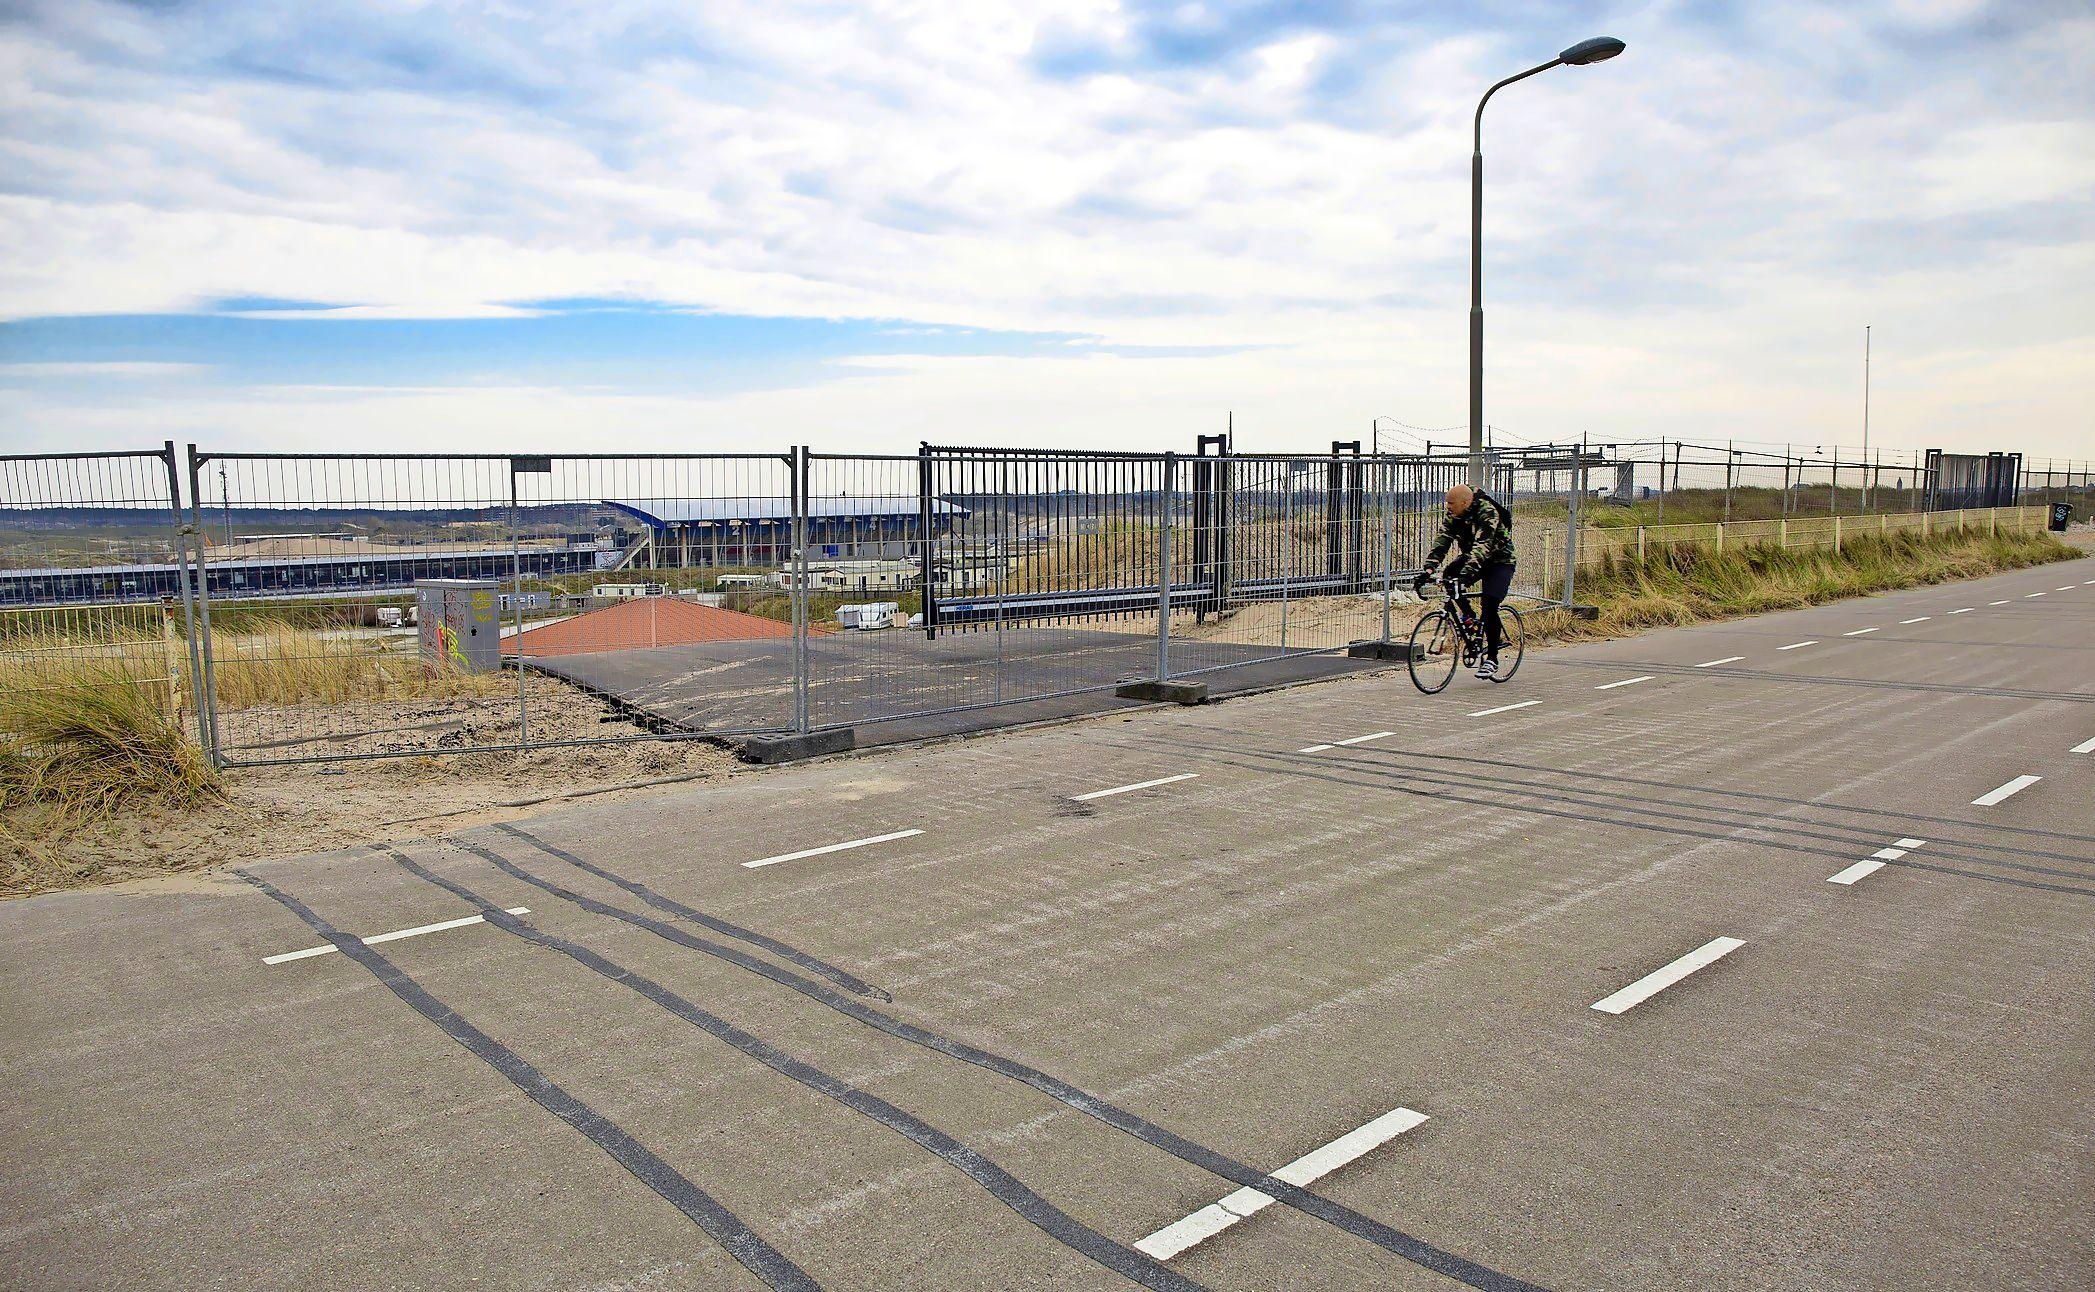 Weer consternatie over extra toegangsweg circuit Zandvoort. 'Zowat elk document over deze weg is geheim'